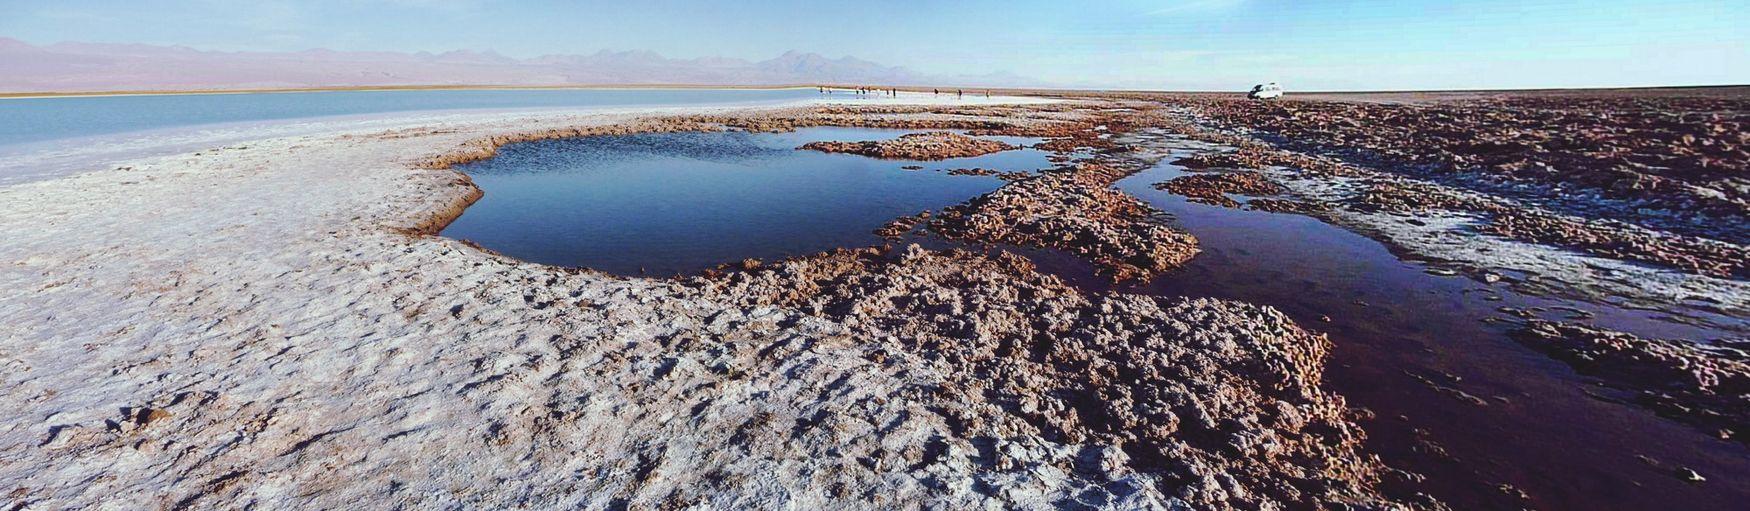 Atacama desert,